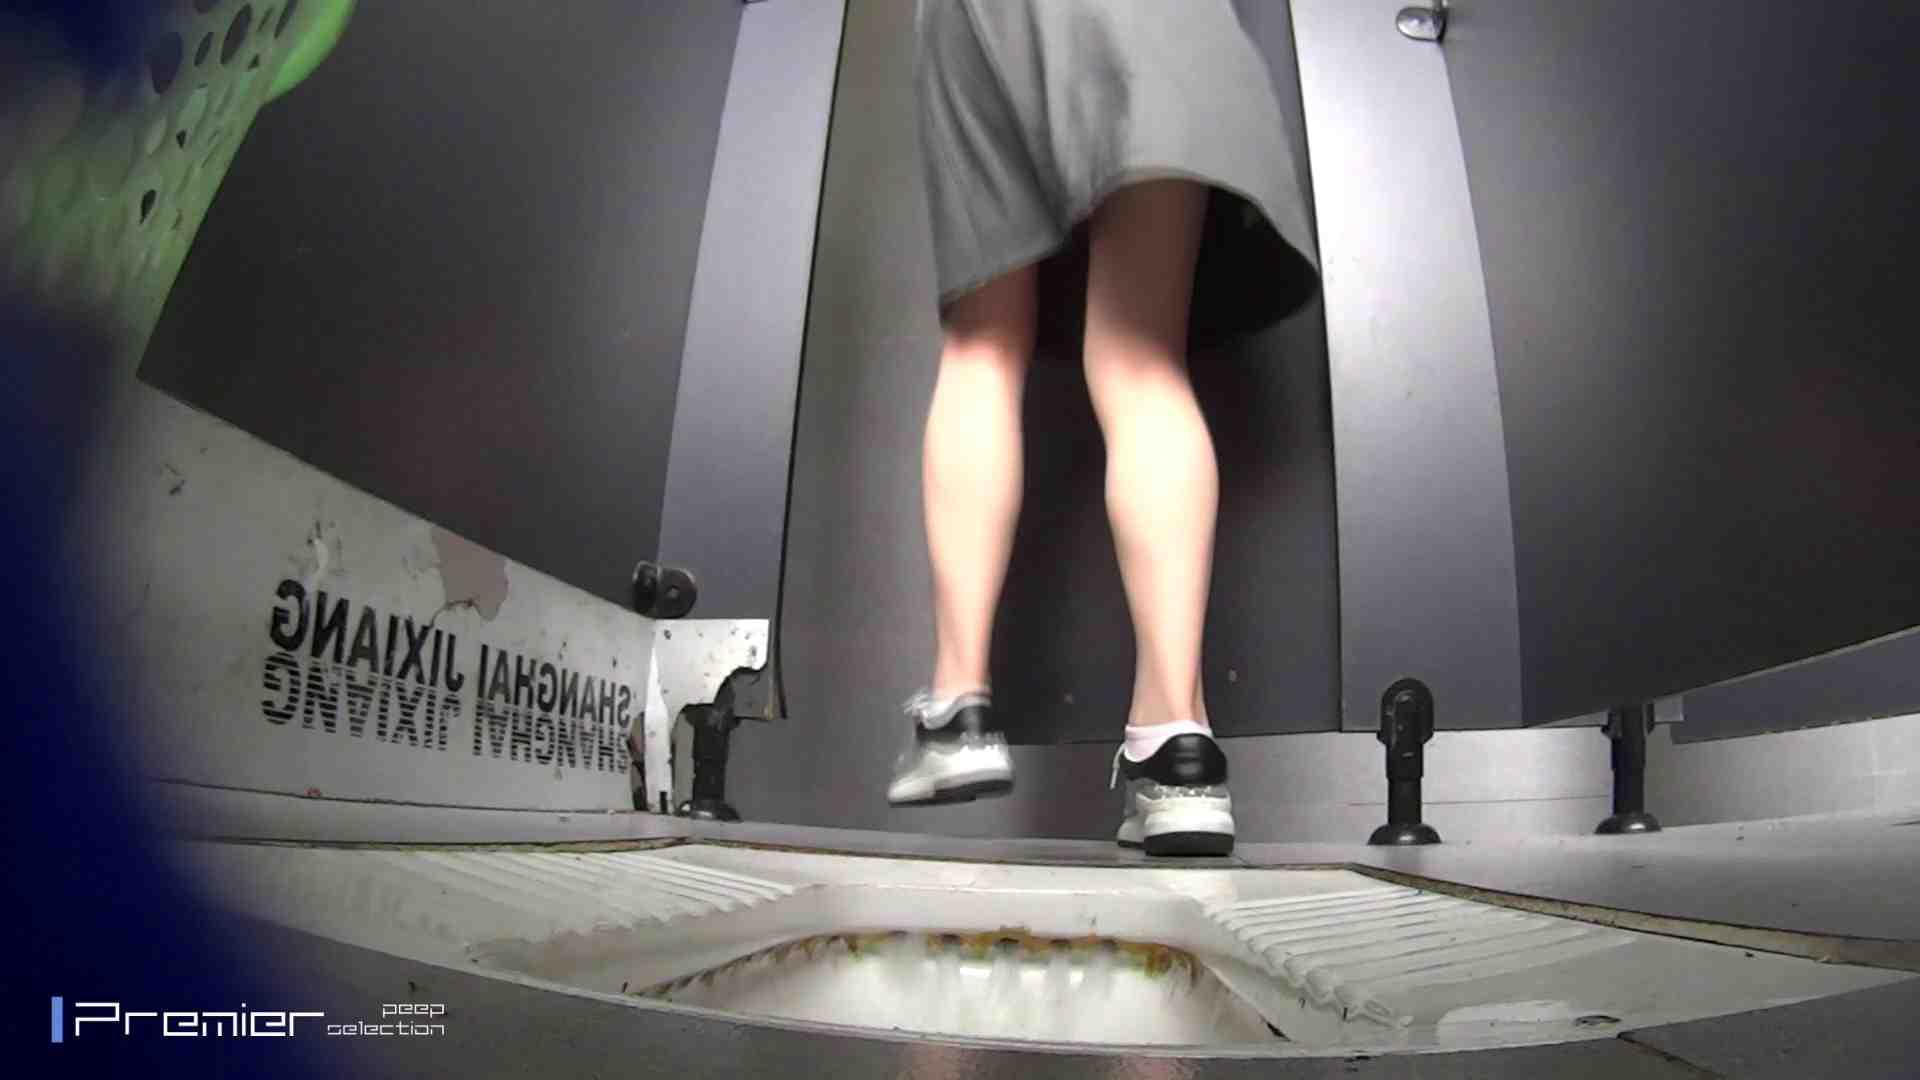 夏全開!ハーフパンツのギャル達 大学休憩時間の洗面所事情44 細身女性 オマンコ無修正動画無料 105画像 66